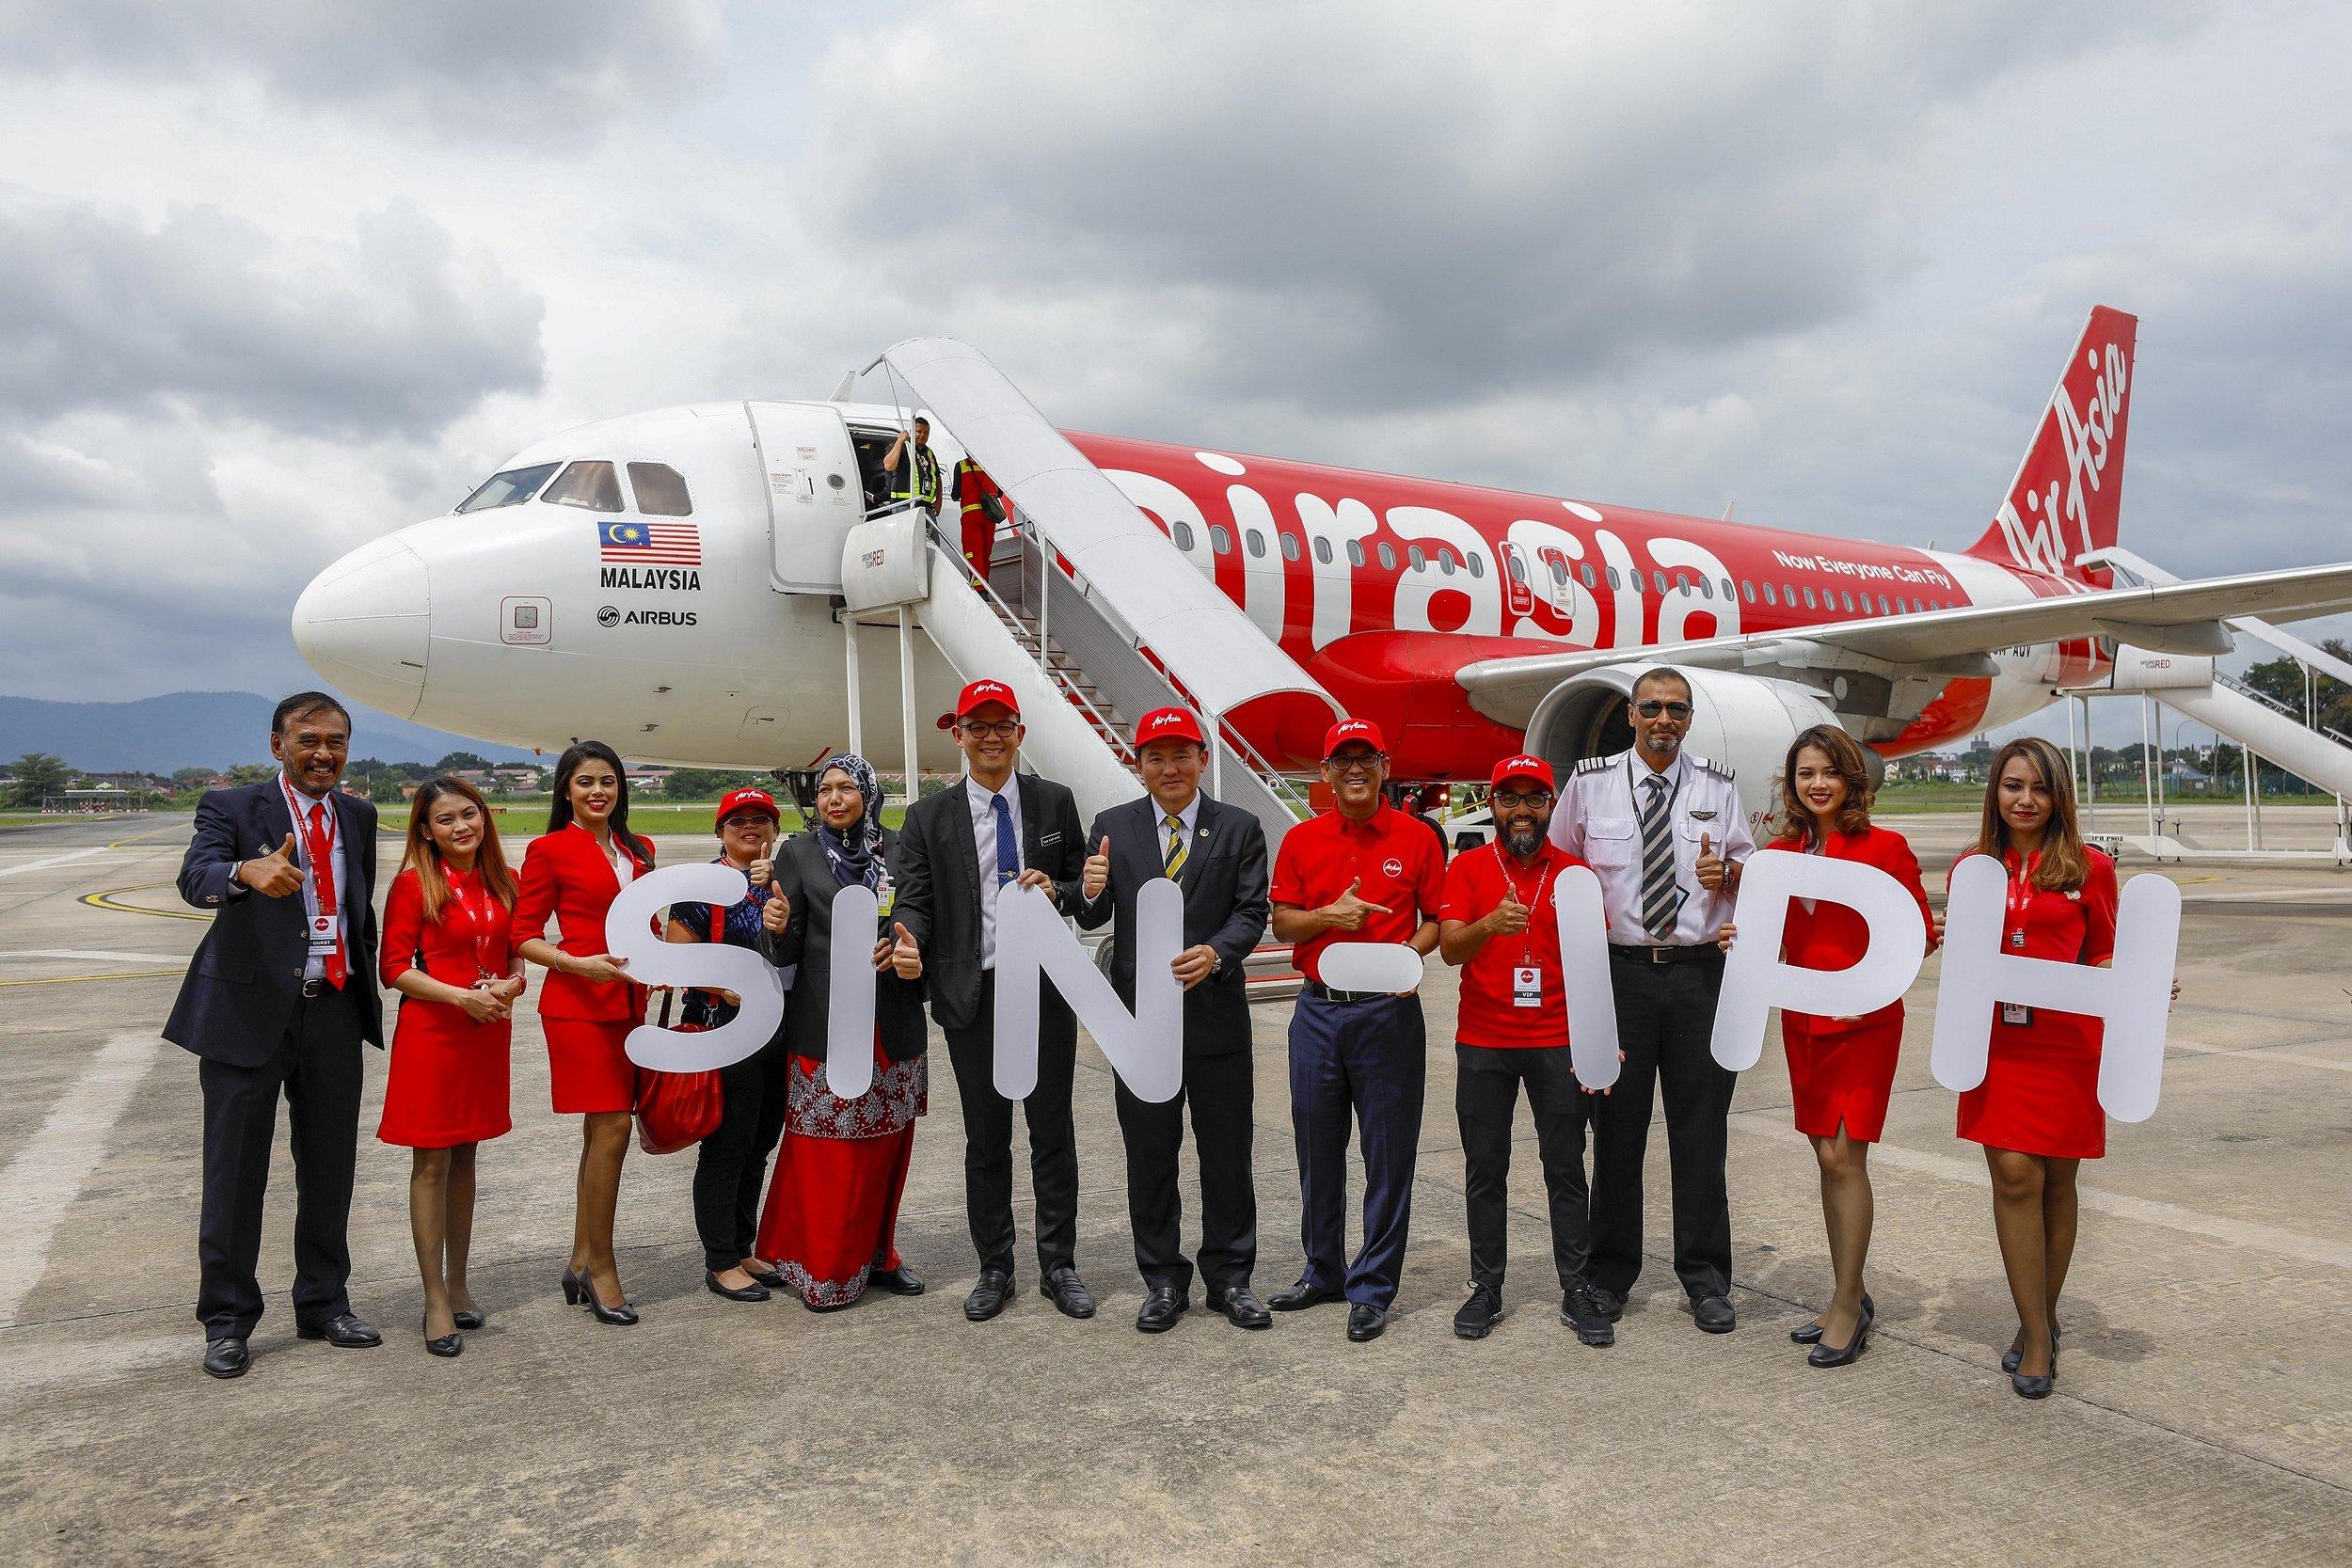 (左起第五)霹雳州旅游局首席执行员Zuraida Md Taib、霹雳州旅游、文化及艺术事务委员会主席陈家兴、住房,地方政府,公共交通,非伊斯兰事务和新村委员杨祖强、霹雳州务大臣YAB Dato' Seri Ahmad Faizal Azumu、马来西亚亚航首席执行员Riad Asmat及亚航机长Affendy Bin Syed Omar欢迎亚航新加坡-怡保首航。